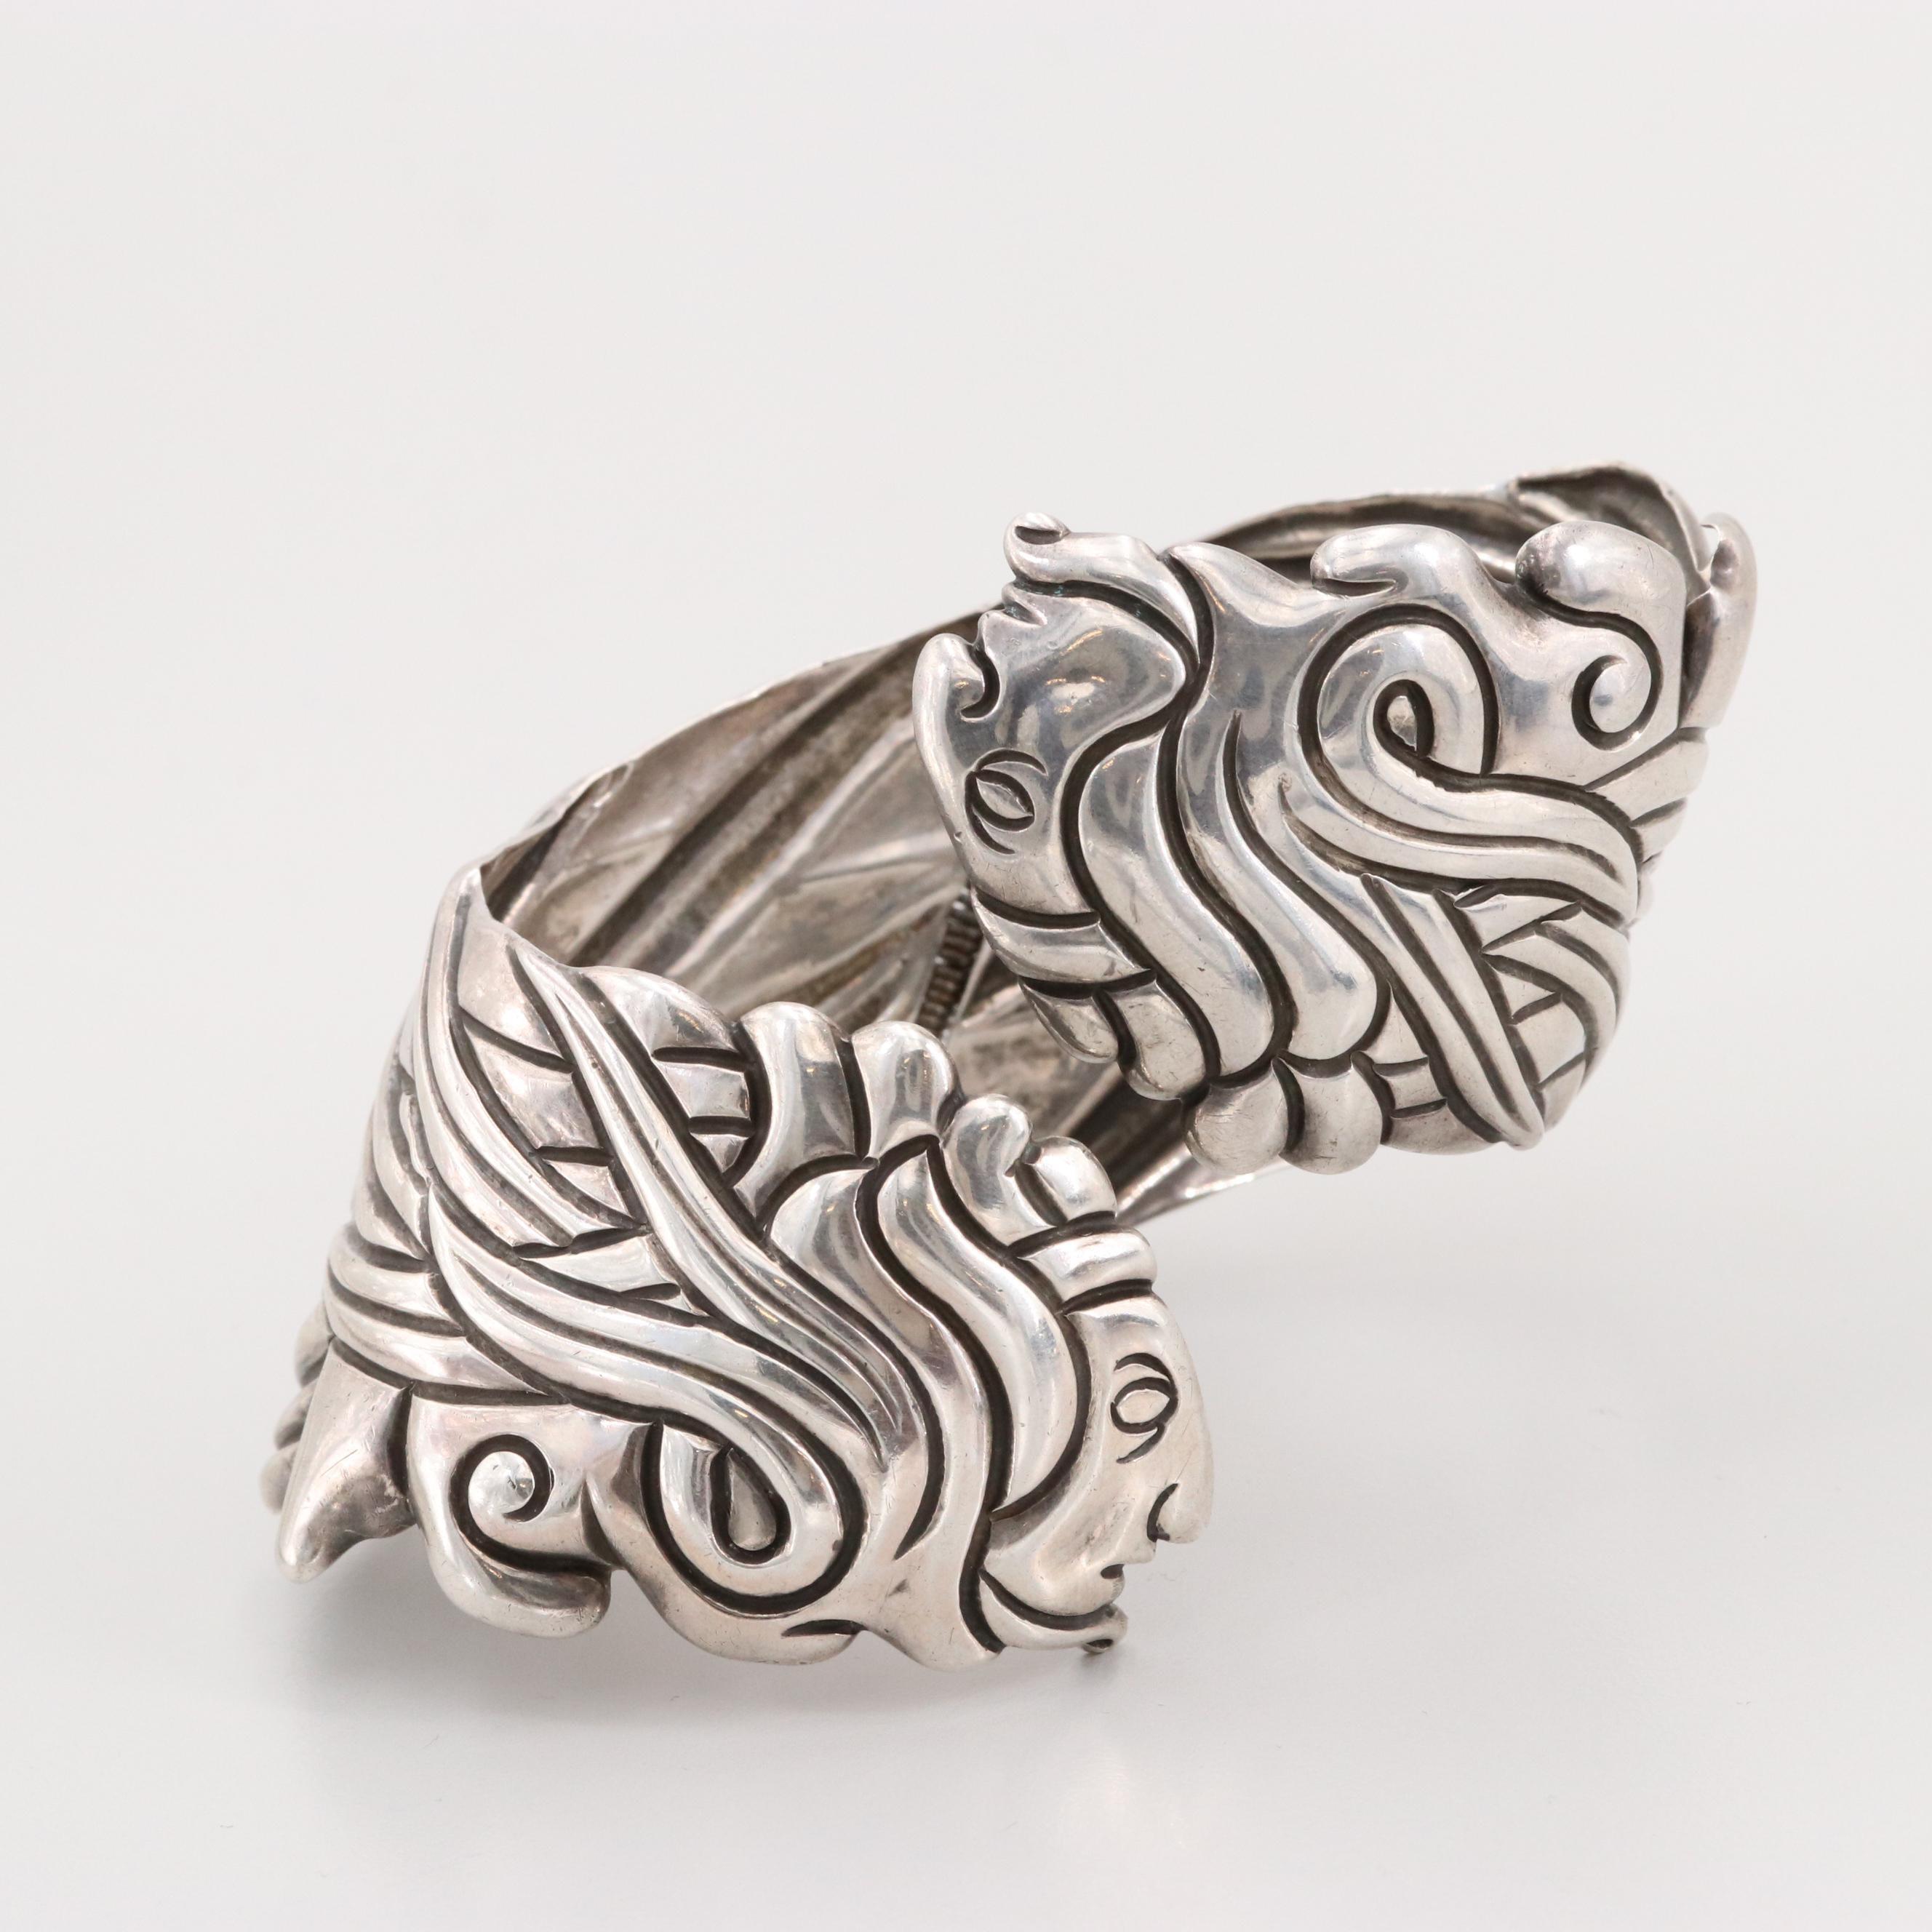 Vintage Taxco, Mexico Los Castillo Sterling Silver Clamper Bracelet